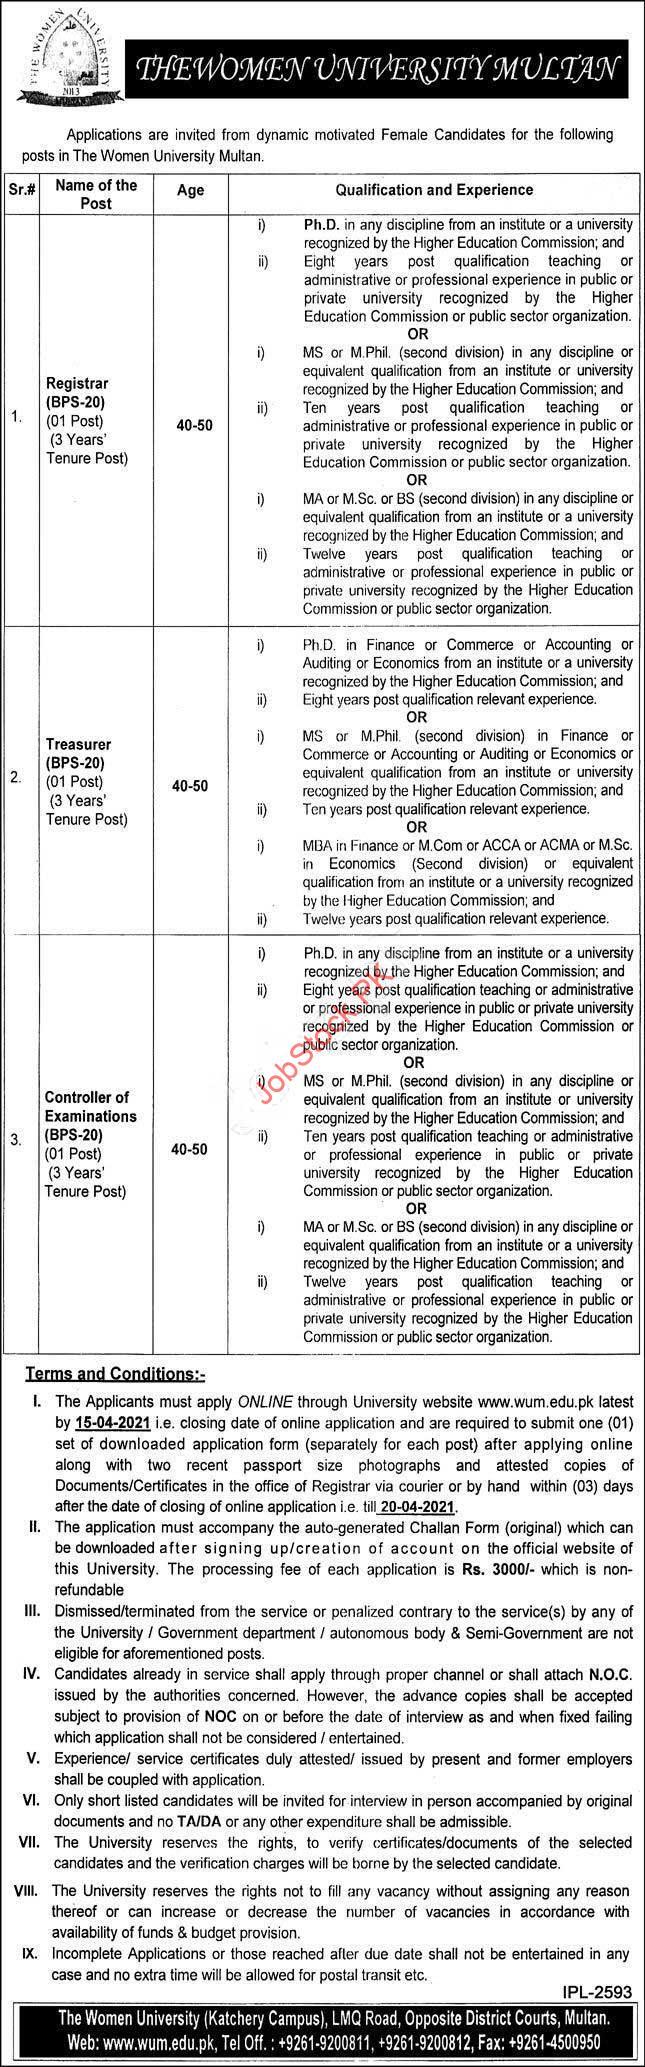 New Govt Jobs In Multan 2021 Registrar, Treasurer, Controller Of Examinations